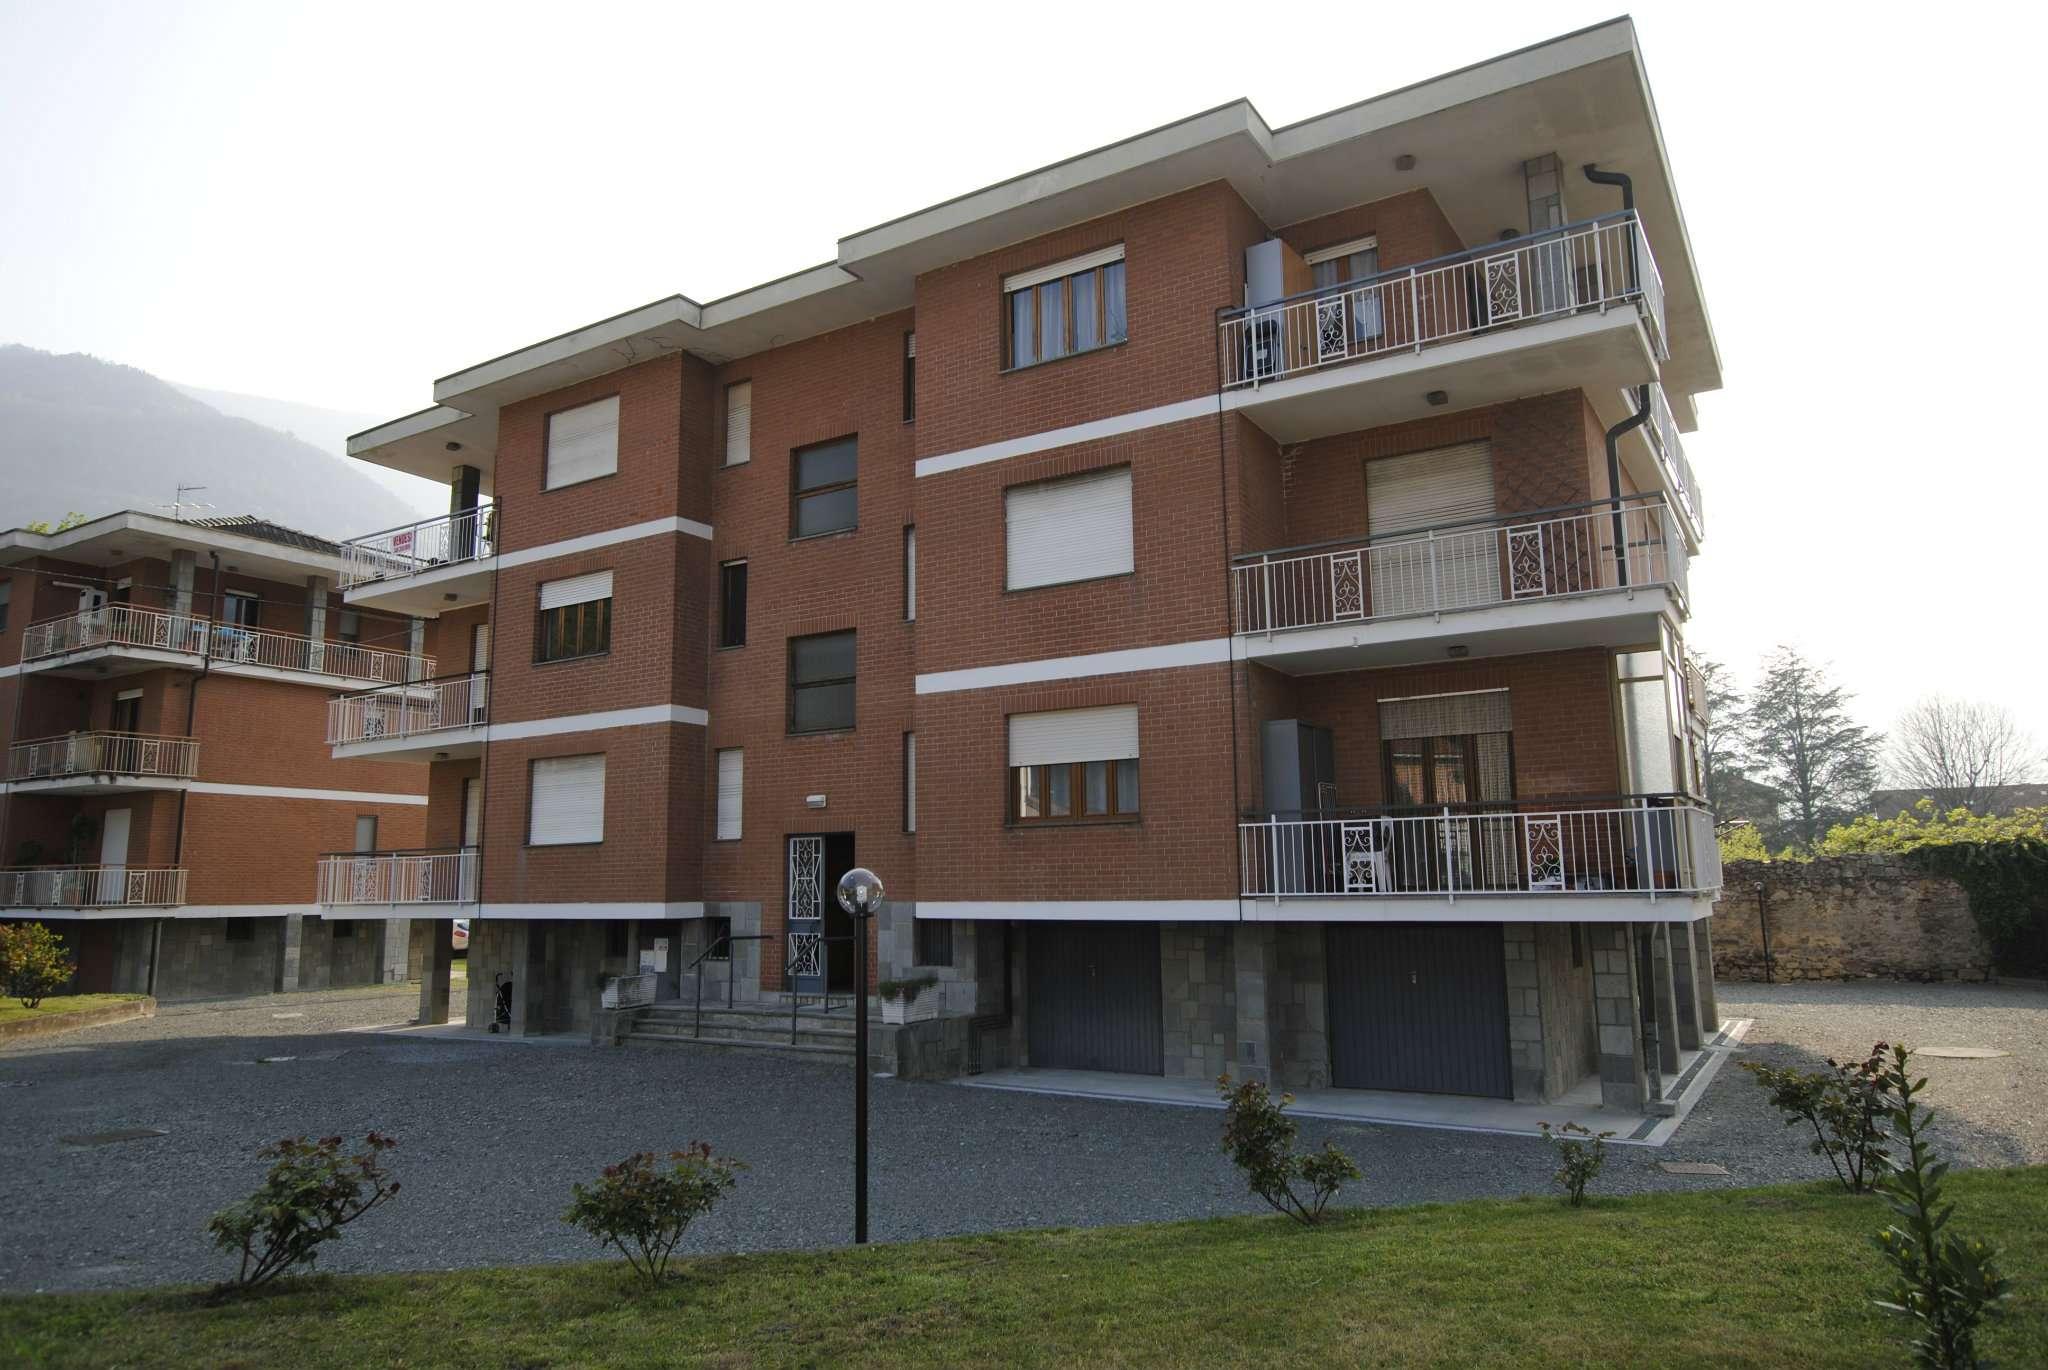 Appartamento in vendita a Sant'Antonino di Susa, 3 locali, prezzo € 125.000 | CambioCasa.it